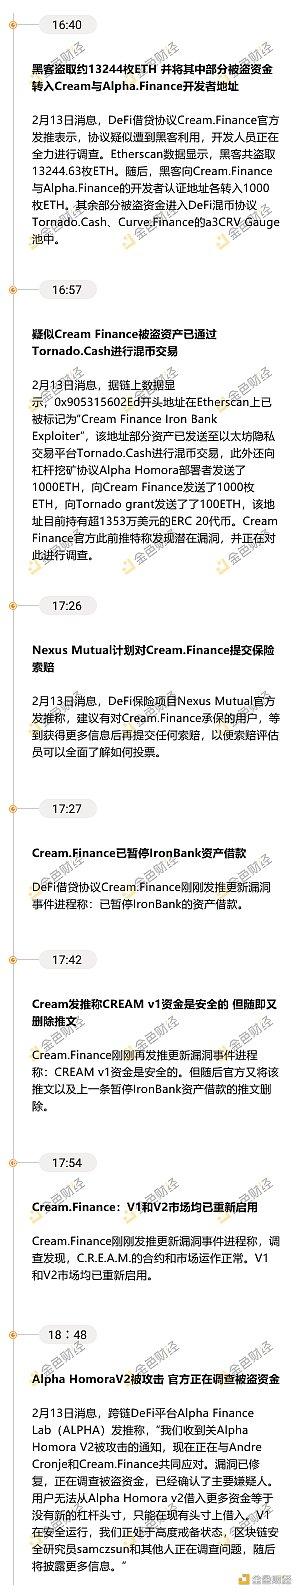 一览时间线:Cream.Finance遭黑客攻击